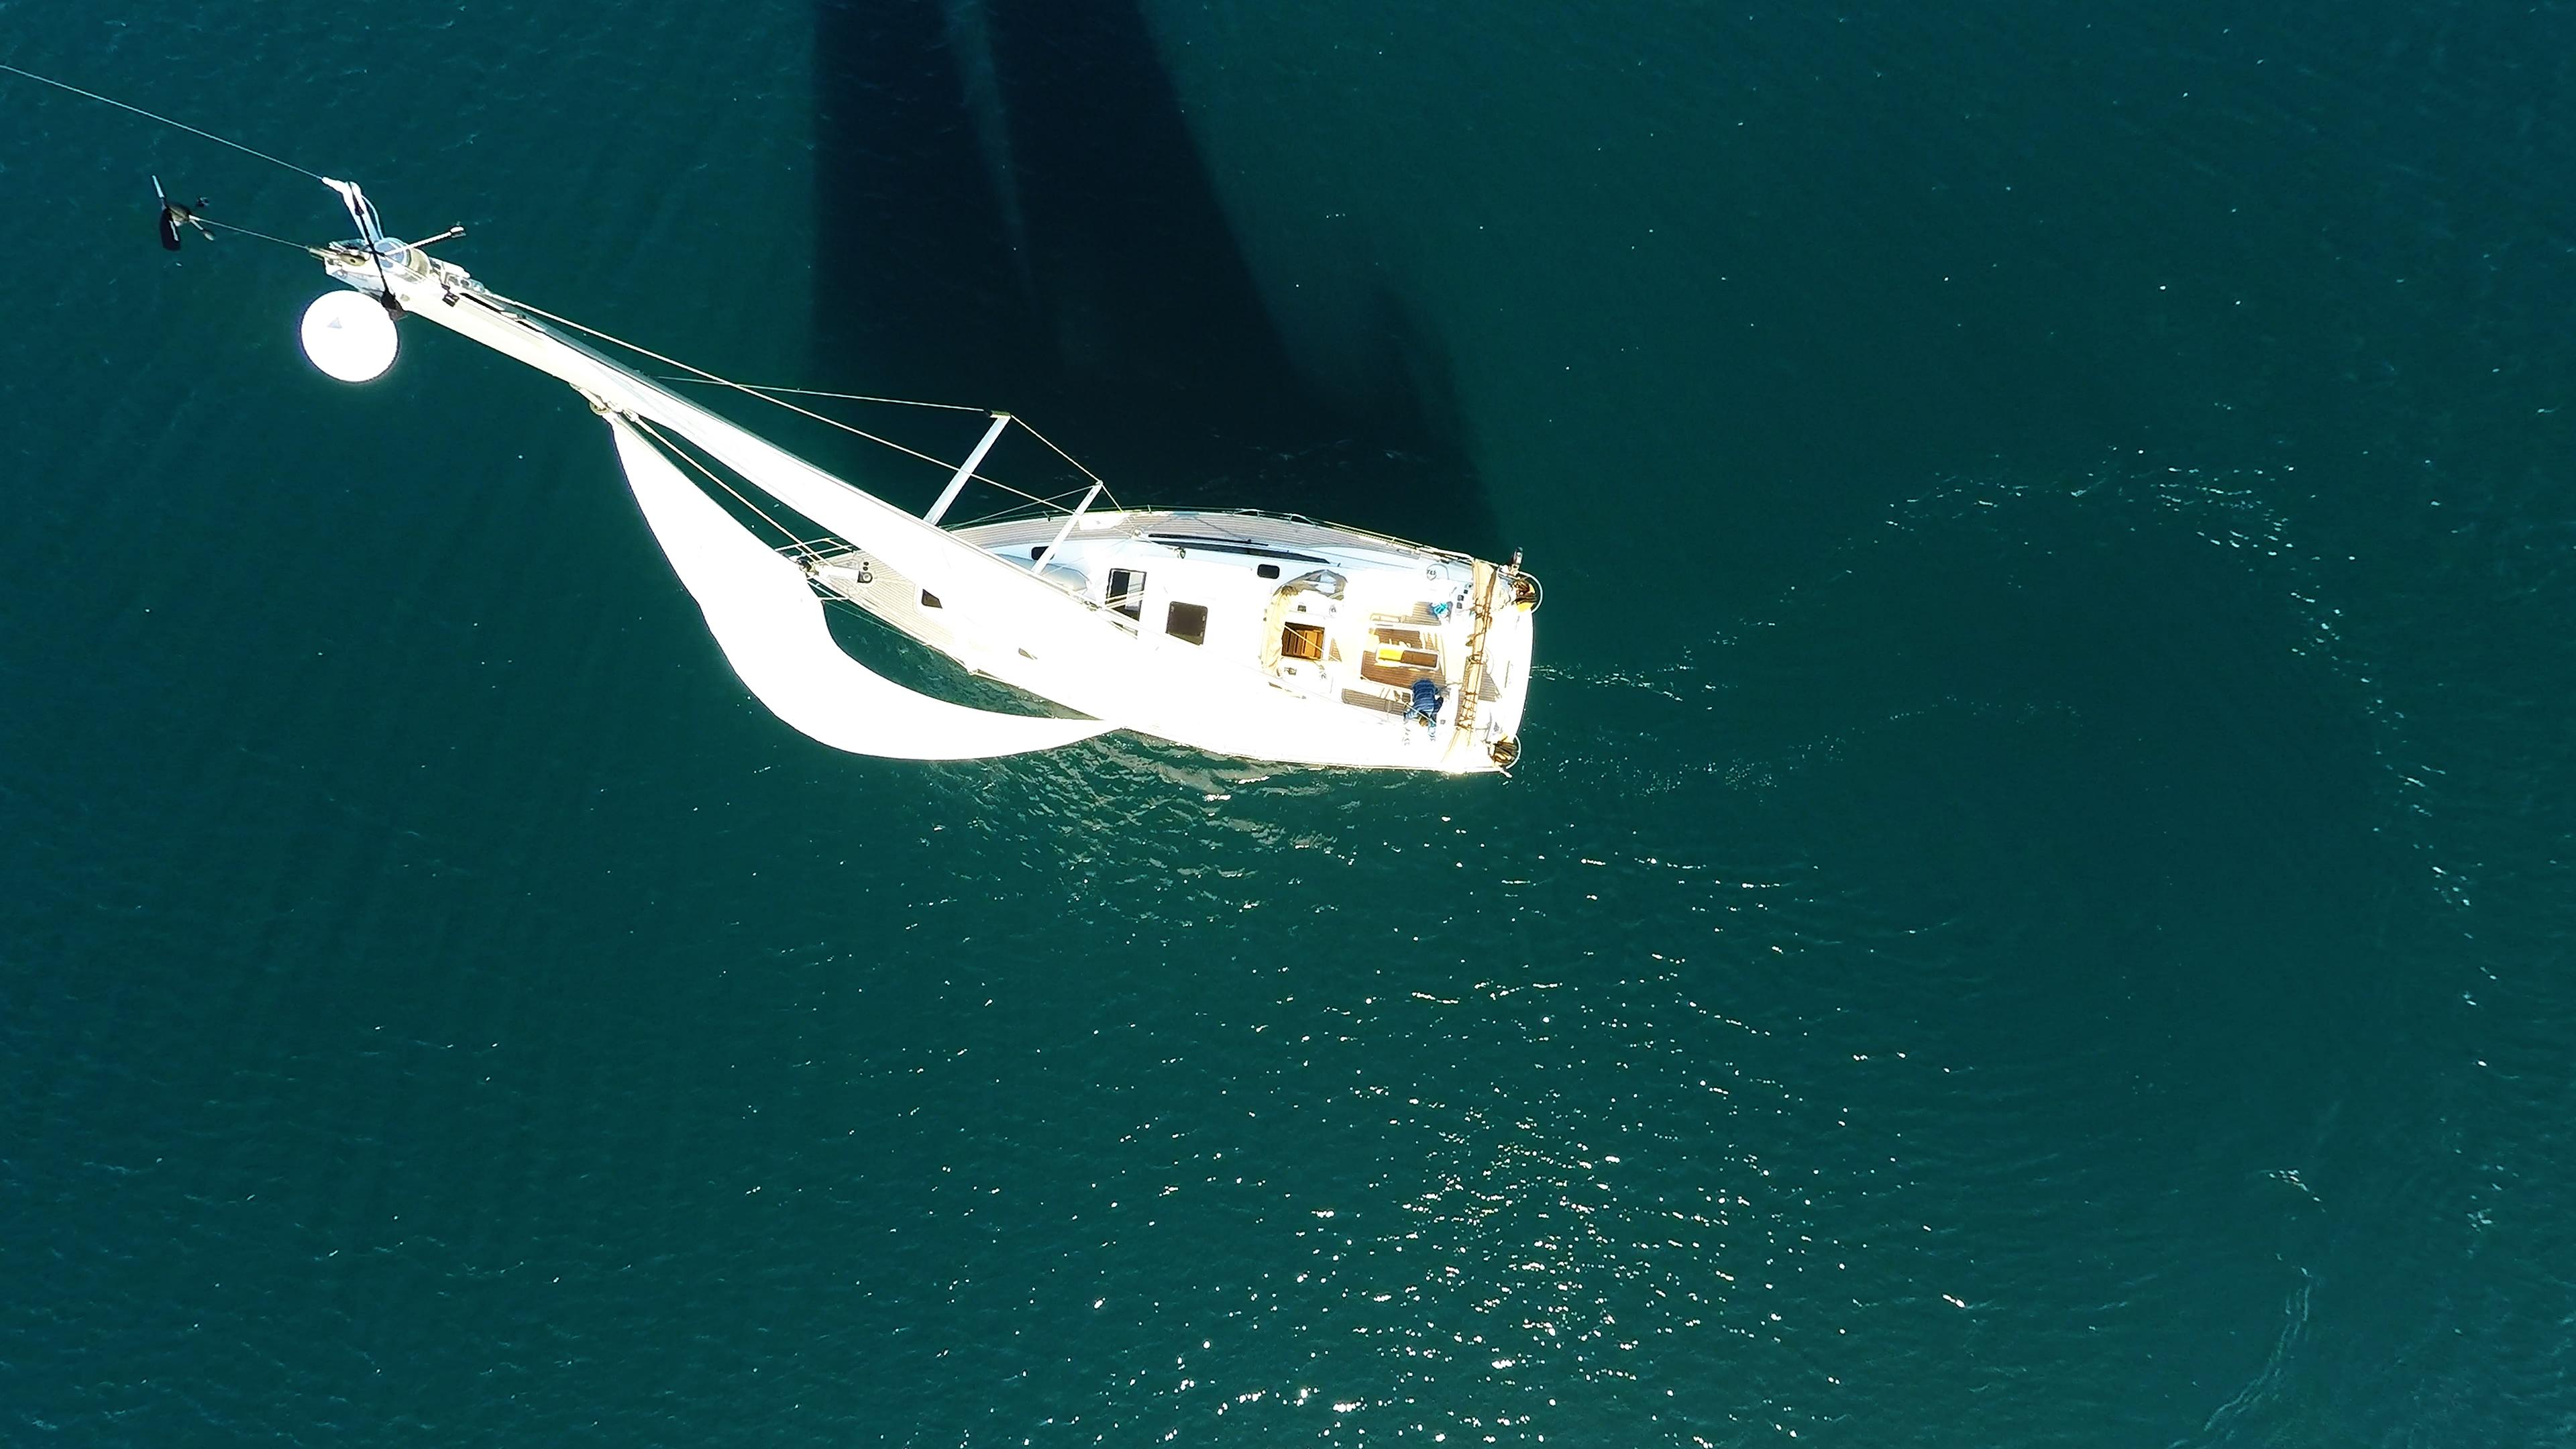 bateau à voile bateau du ciel bateau à voile voile voiles voilier